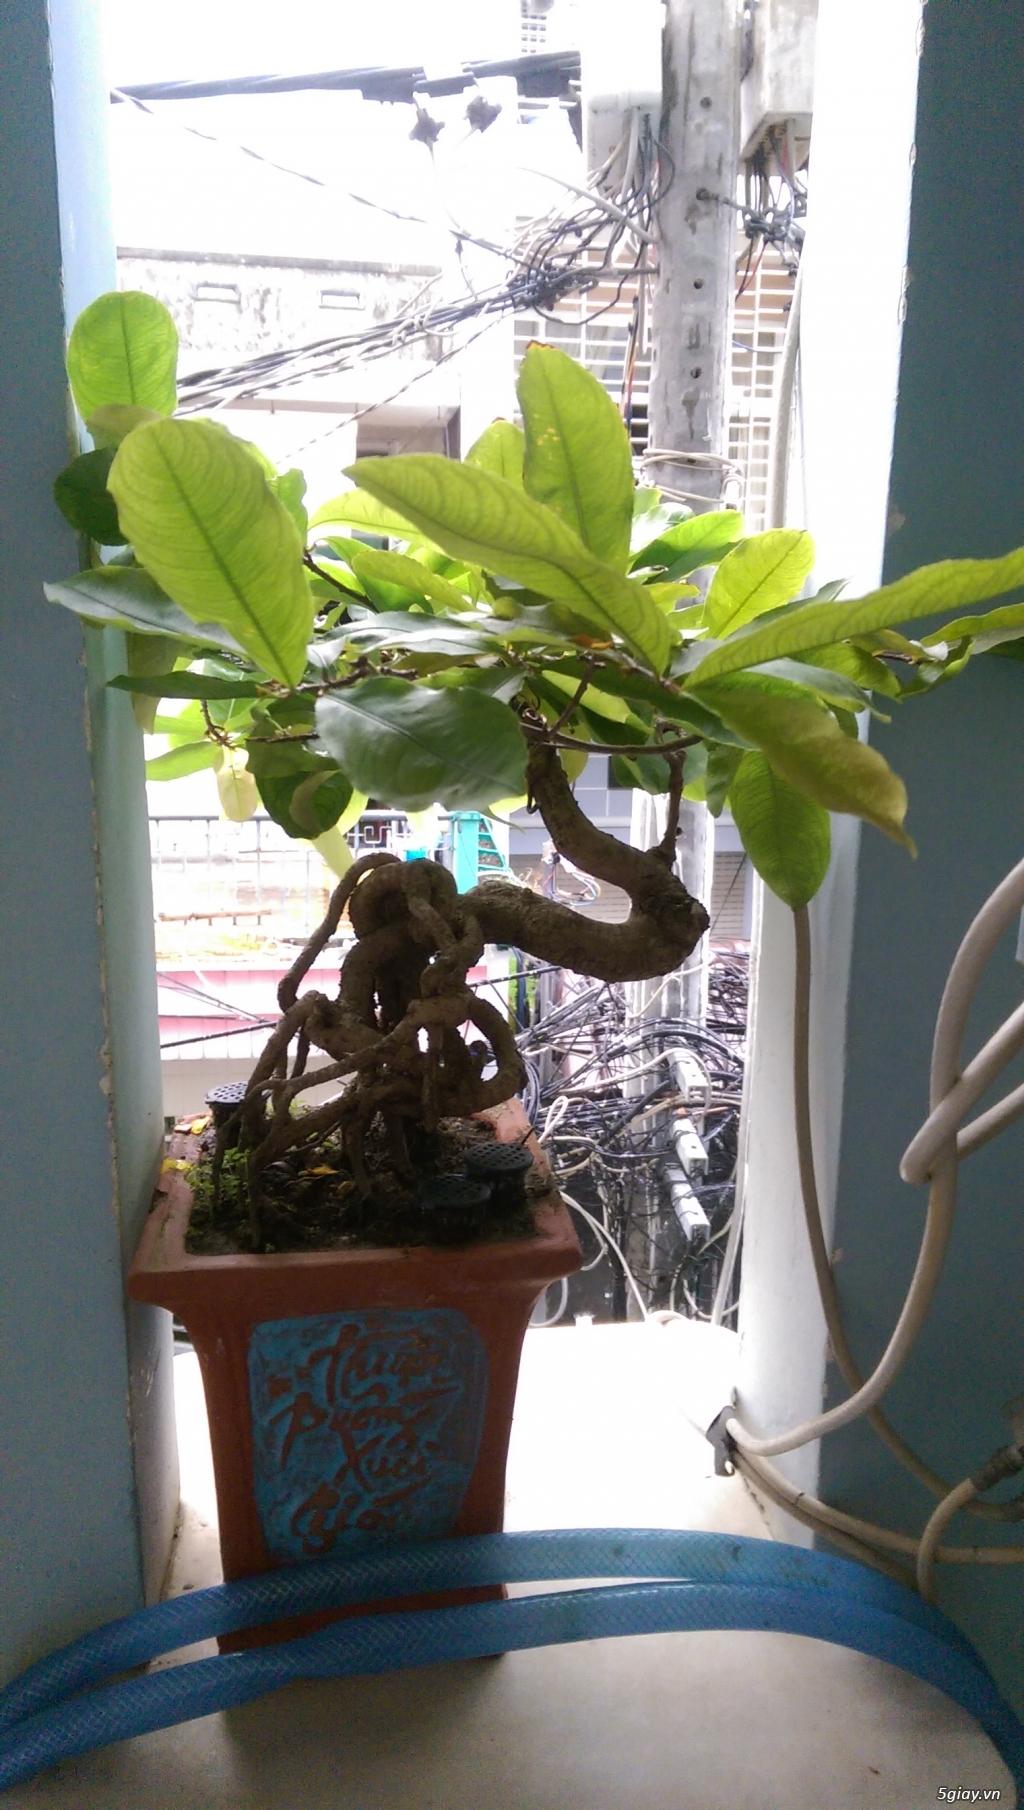 Giao lưu vài em bonsai mini giá mềm!!! - 4